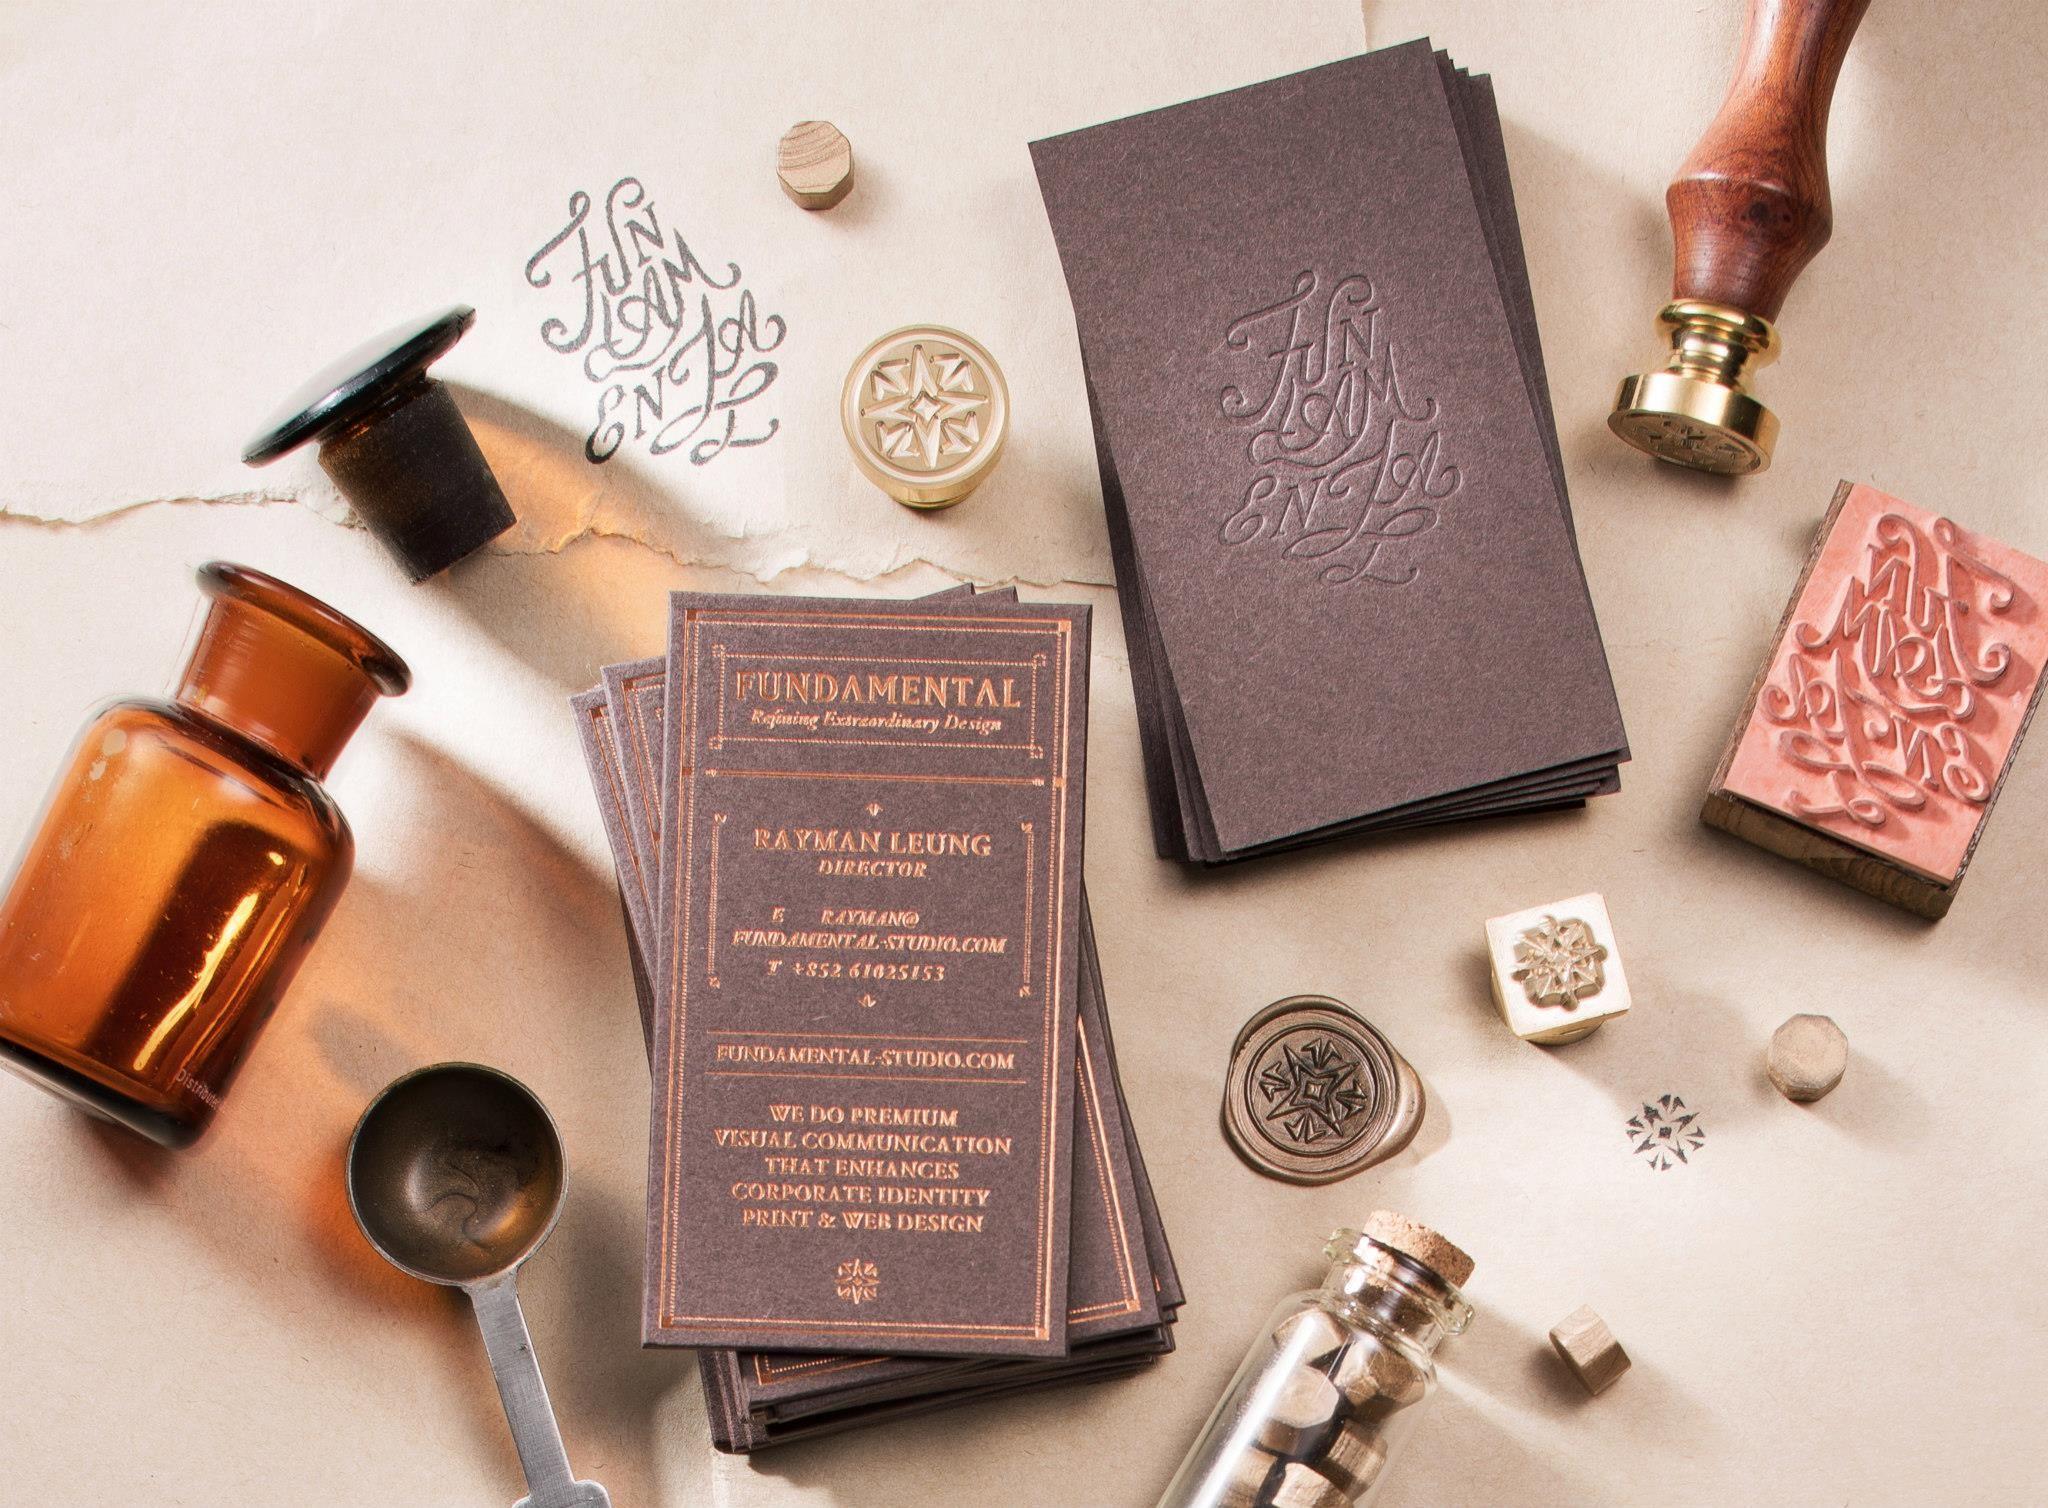 26 cartes de visite qui poussent la créativité au maximum